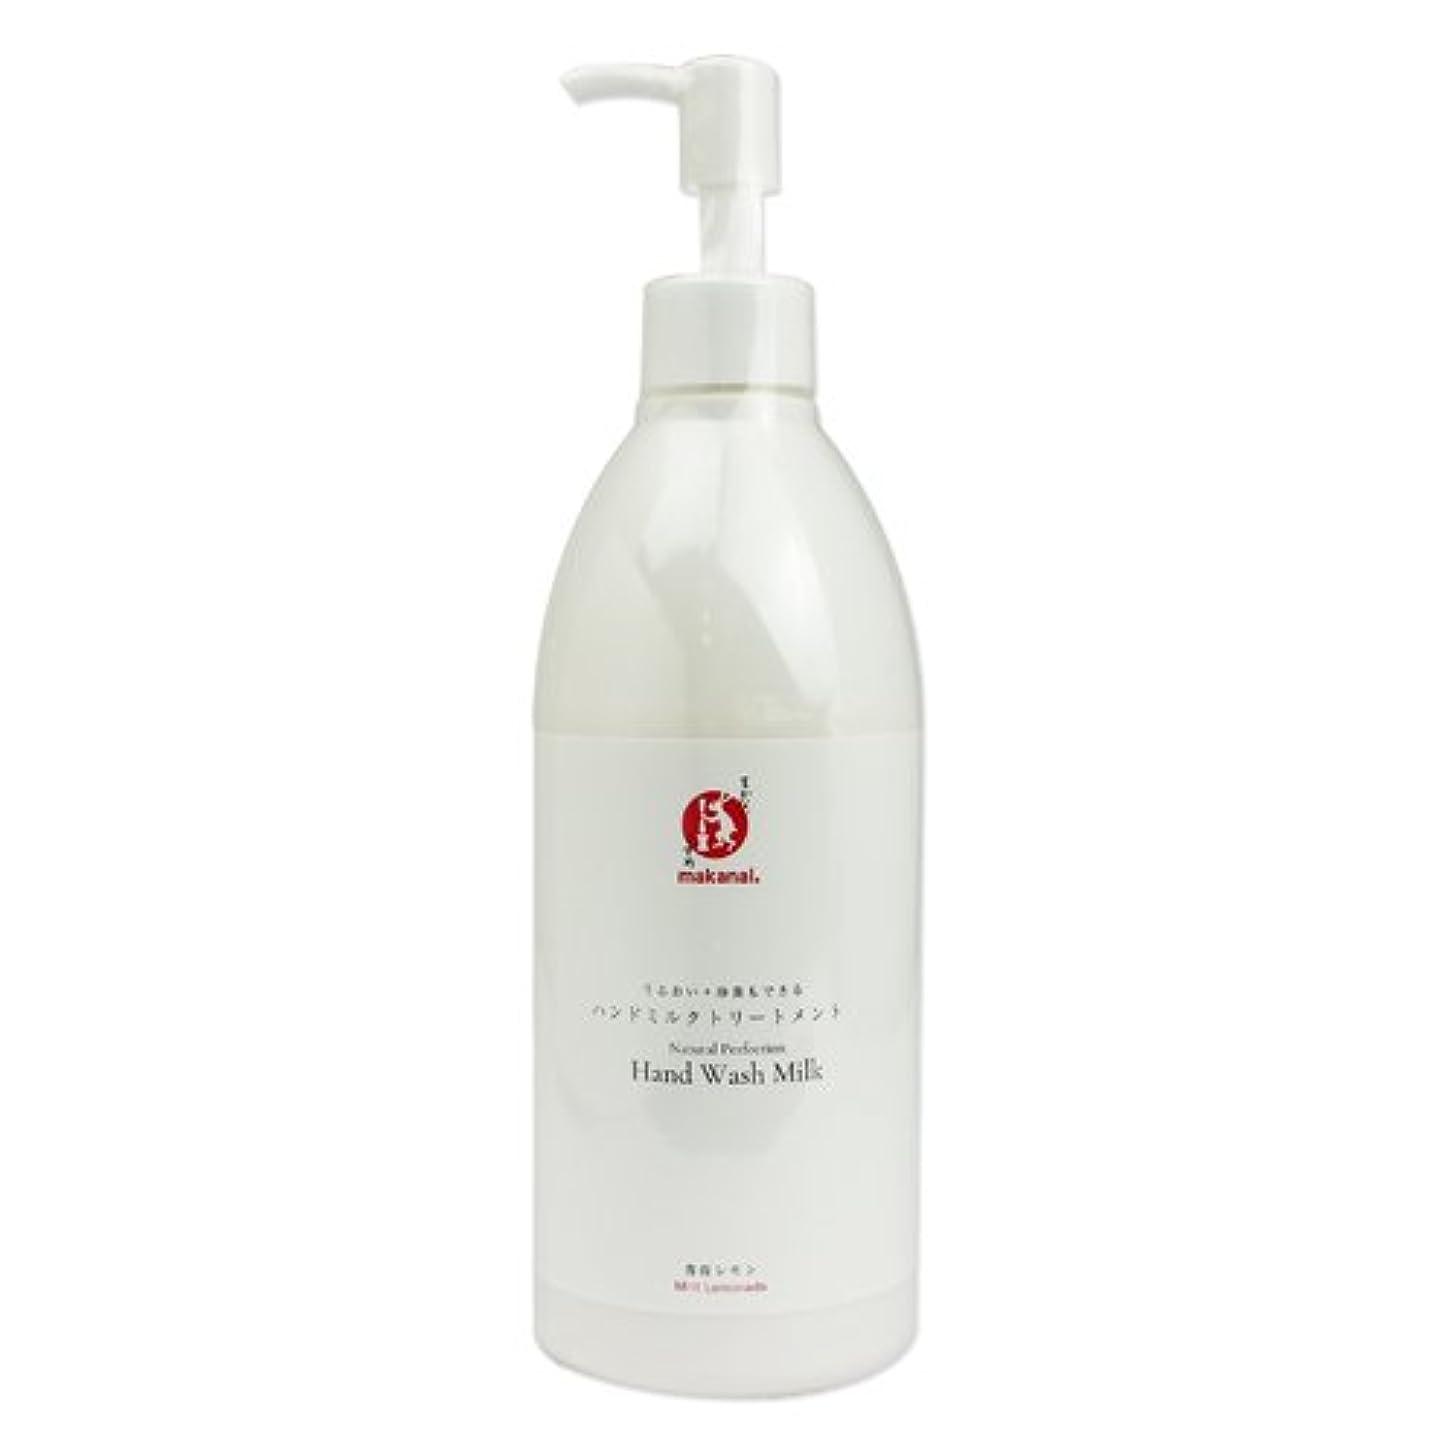 ロッジ減る柔らかい足まかないこすめ ハンドミルクトリートメント(薄荷レモンの香り) 320g